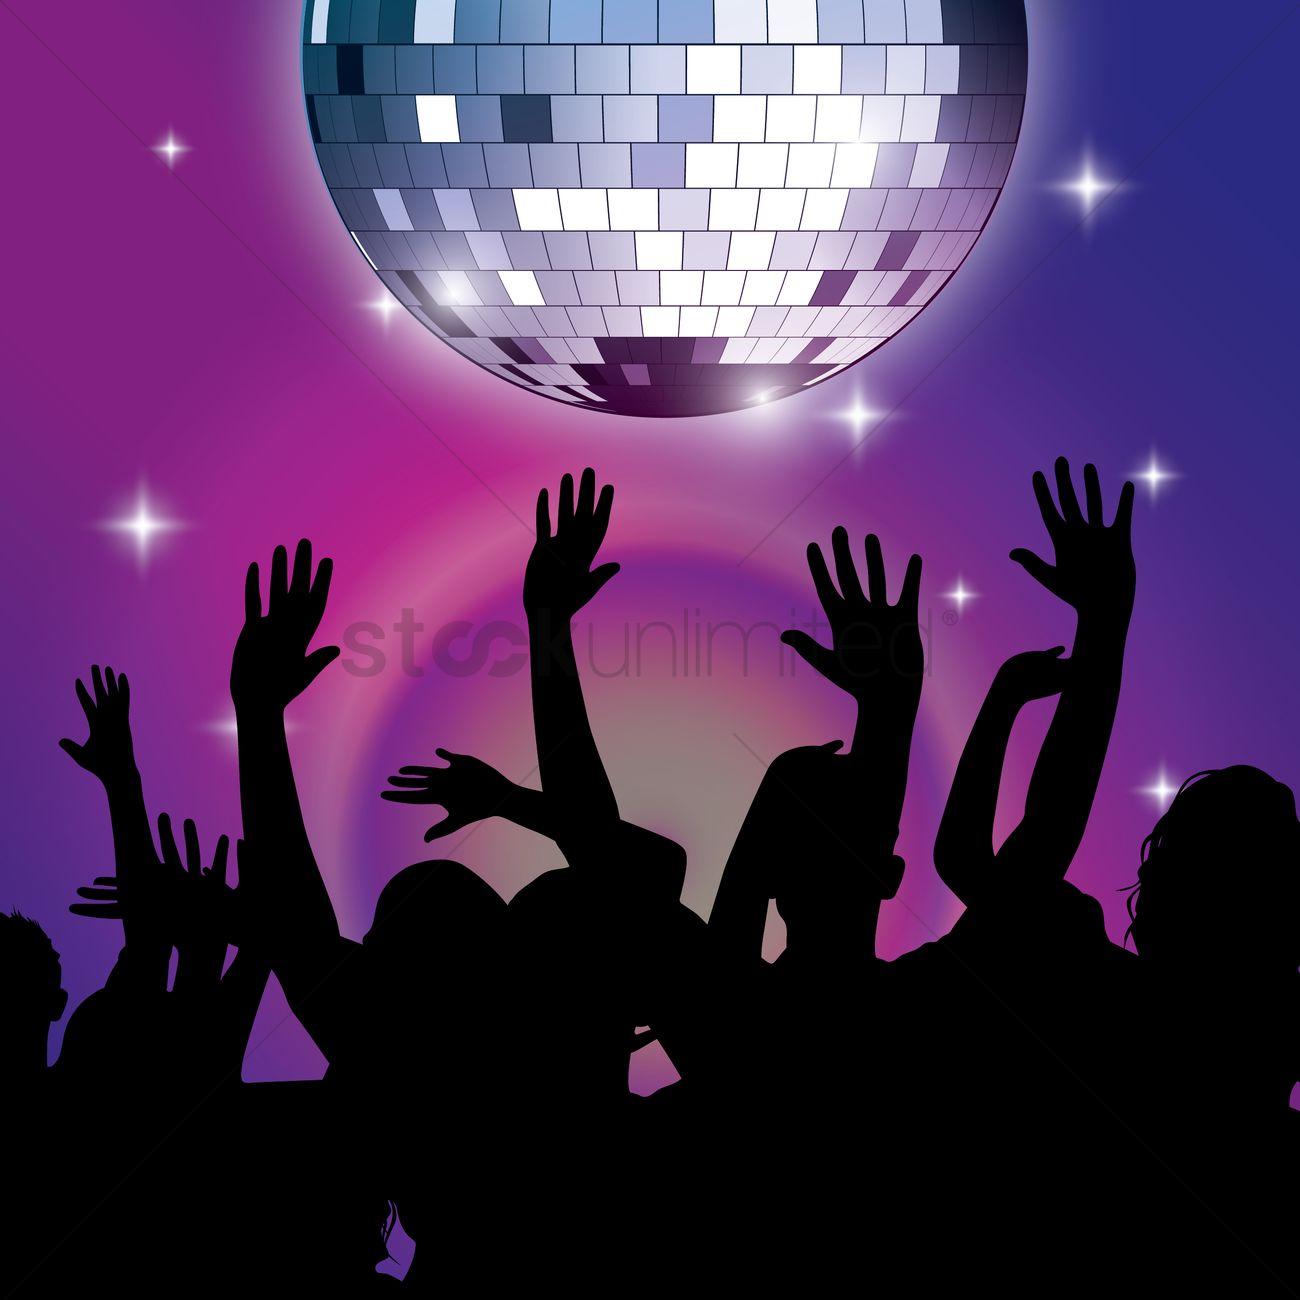 Disco Ball Party Design Vector Image 1936047